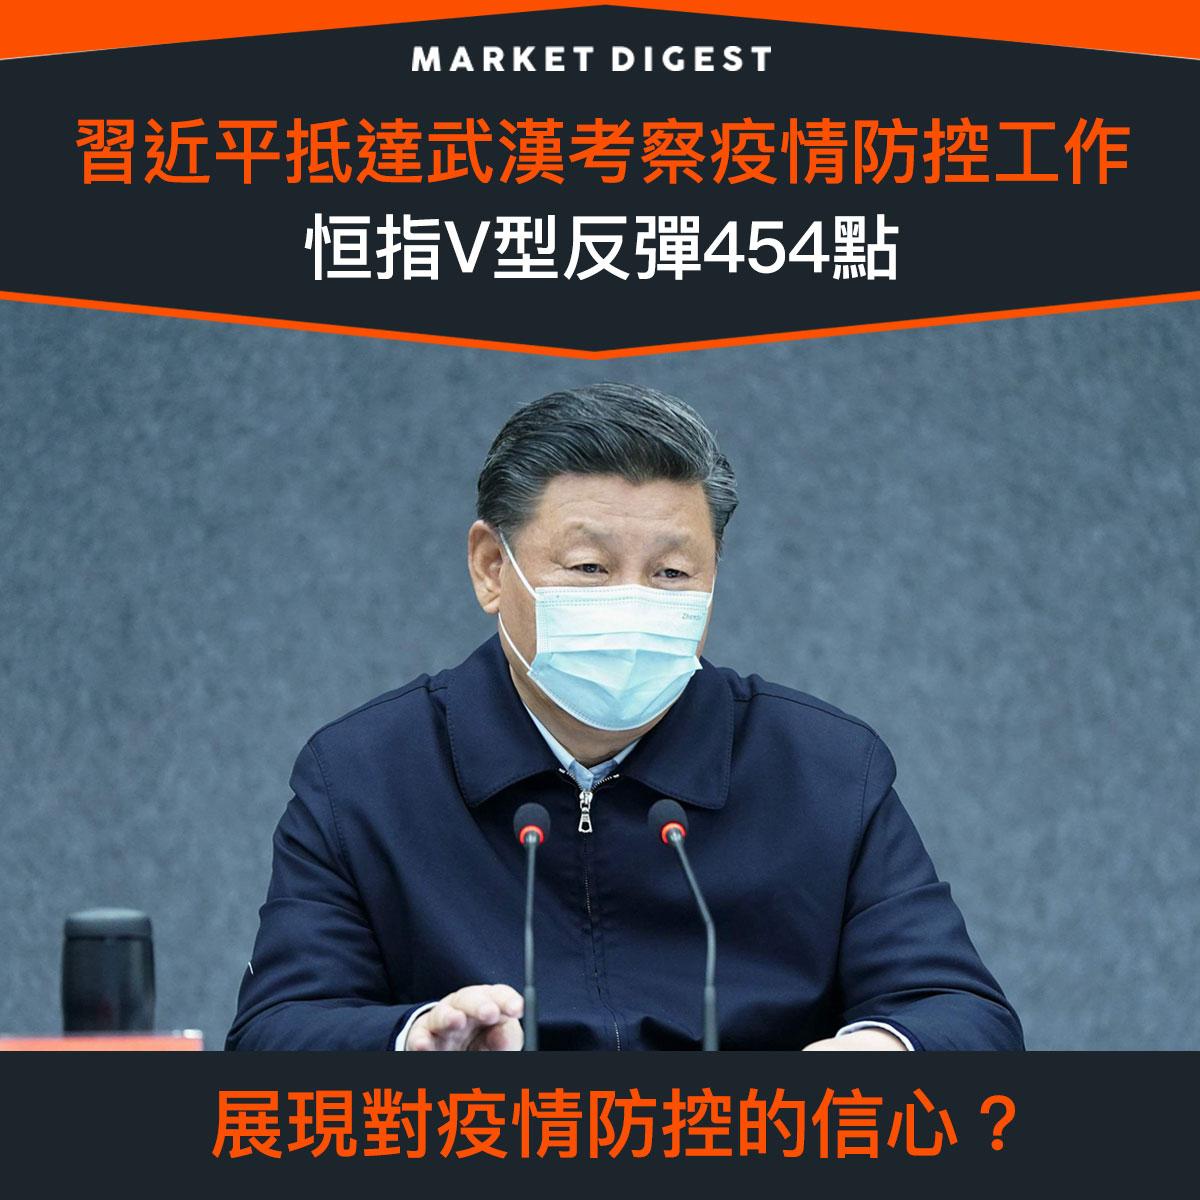 【市場熱話】習近平抵達武漢考察疫情防控工作,恒指V型反彈454點